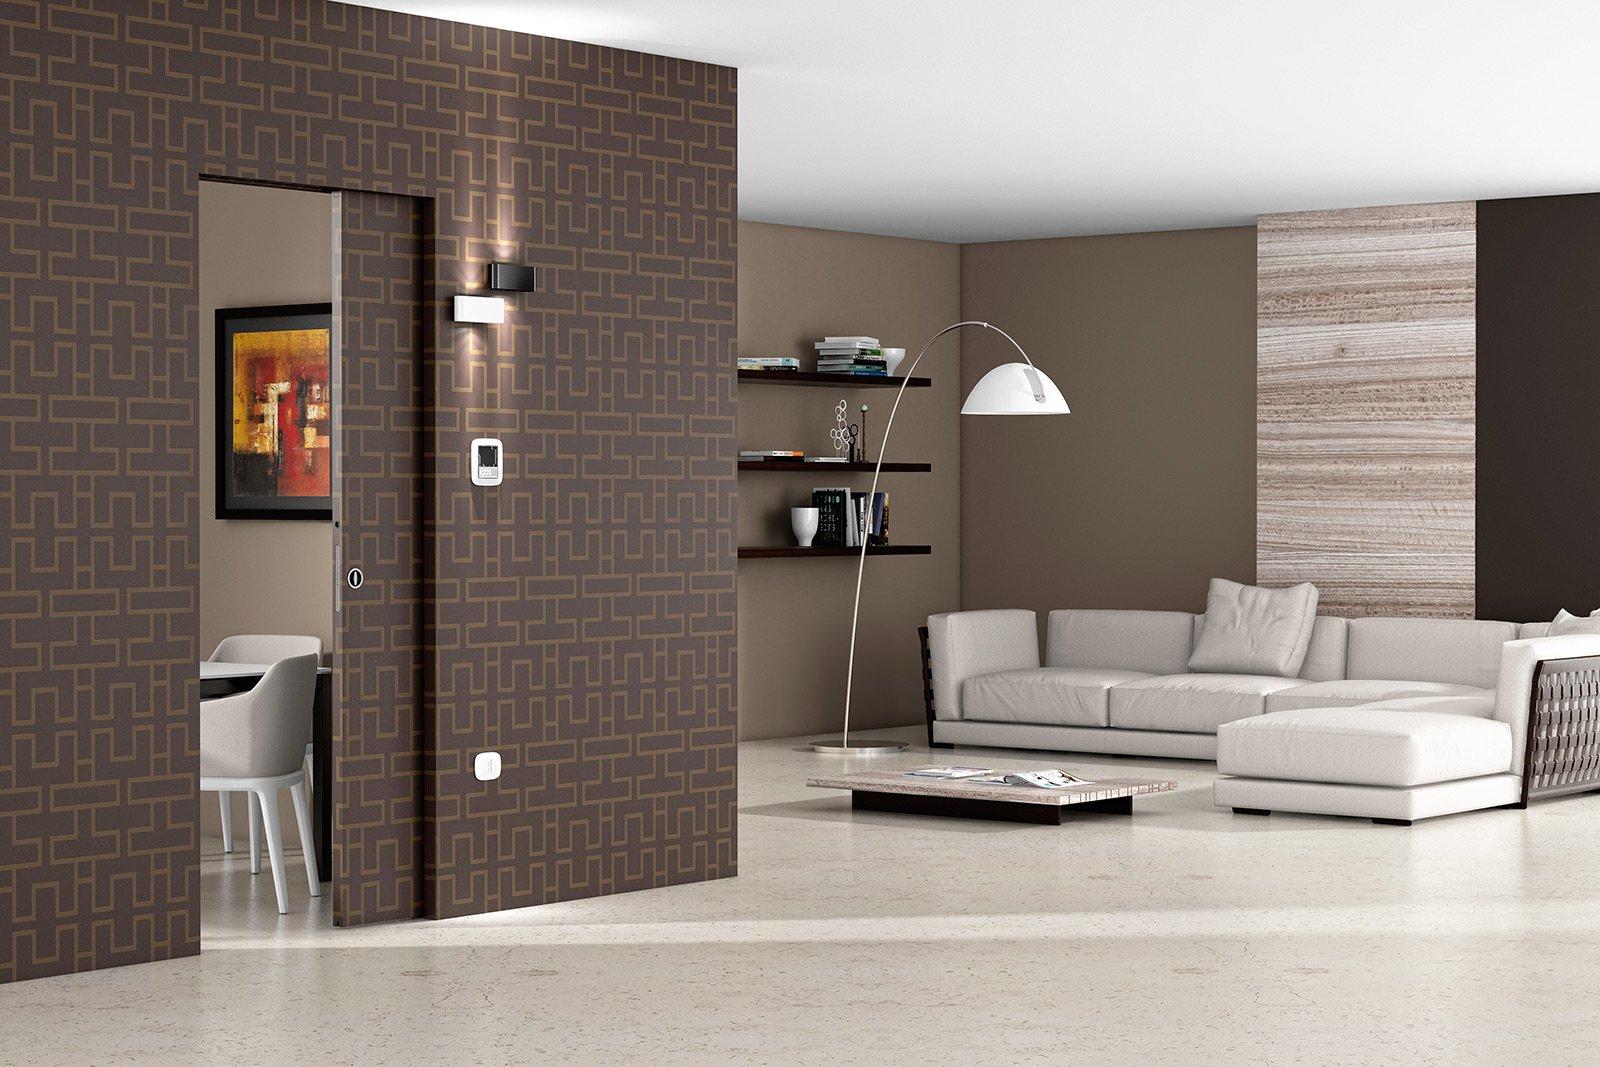 Porte filomuro cose di casa for Telaio della finestra progetta il design della casa